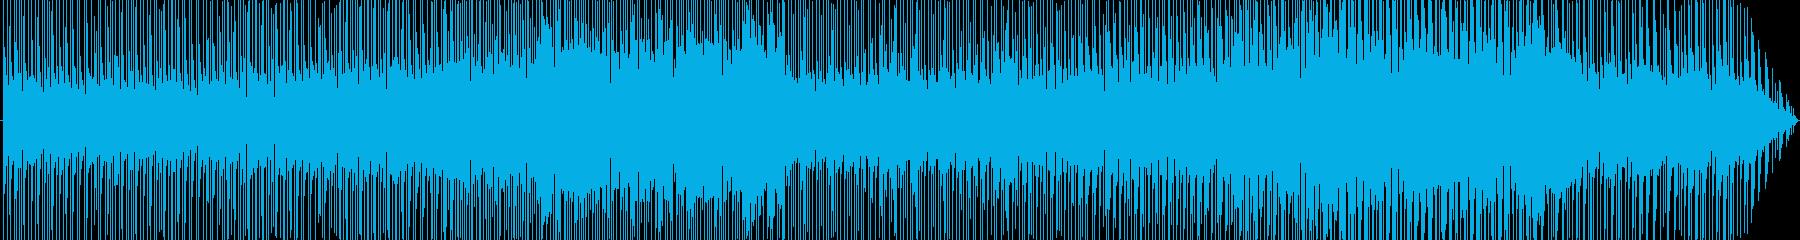 CMやBGM等様々な用途に使えるポップスの再生済みの波形